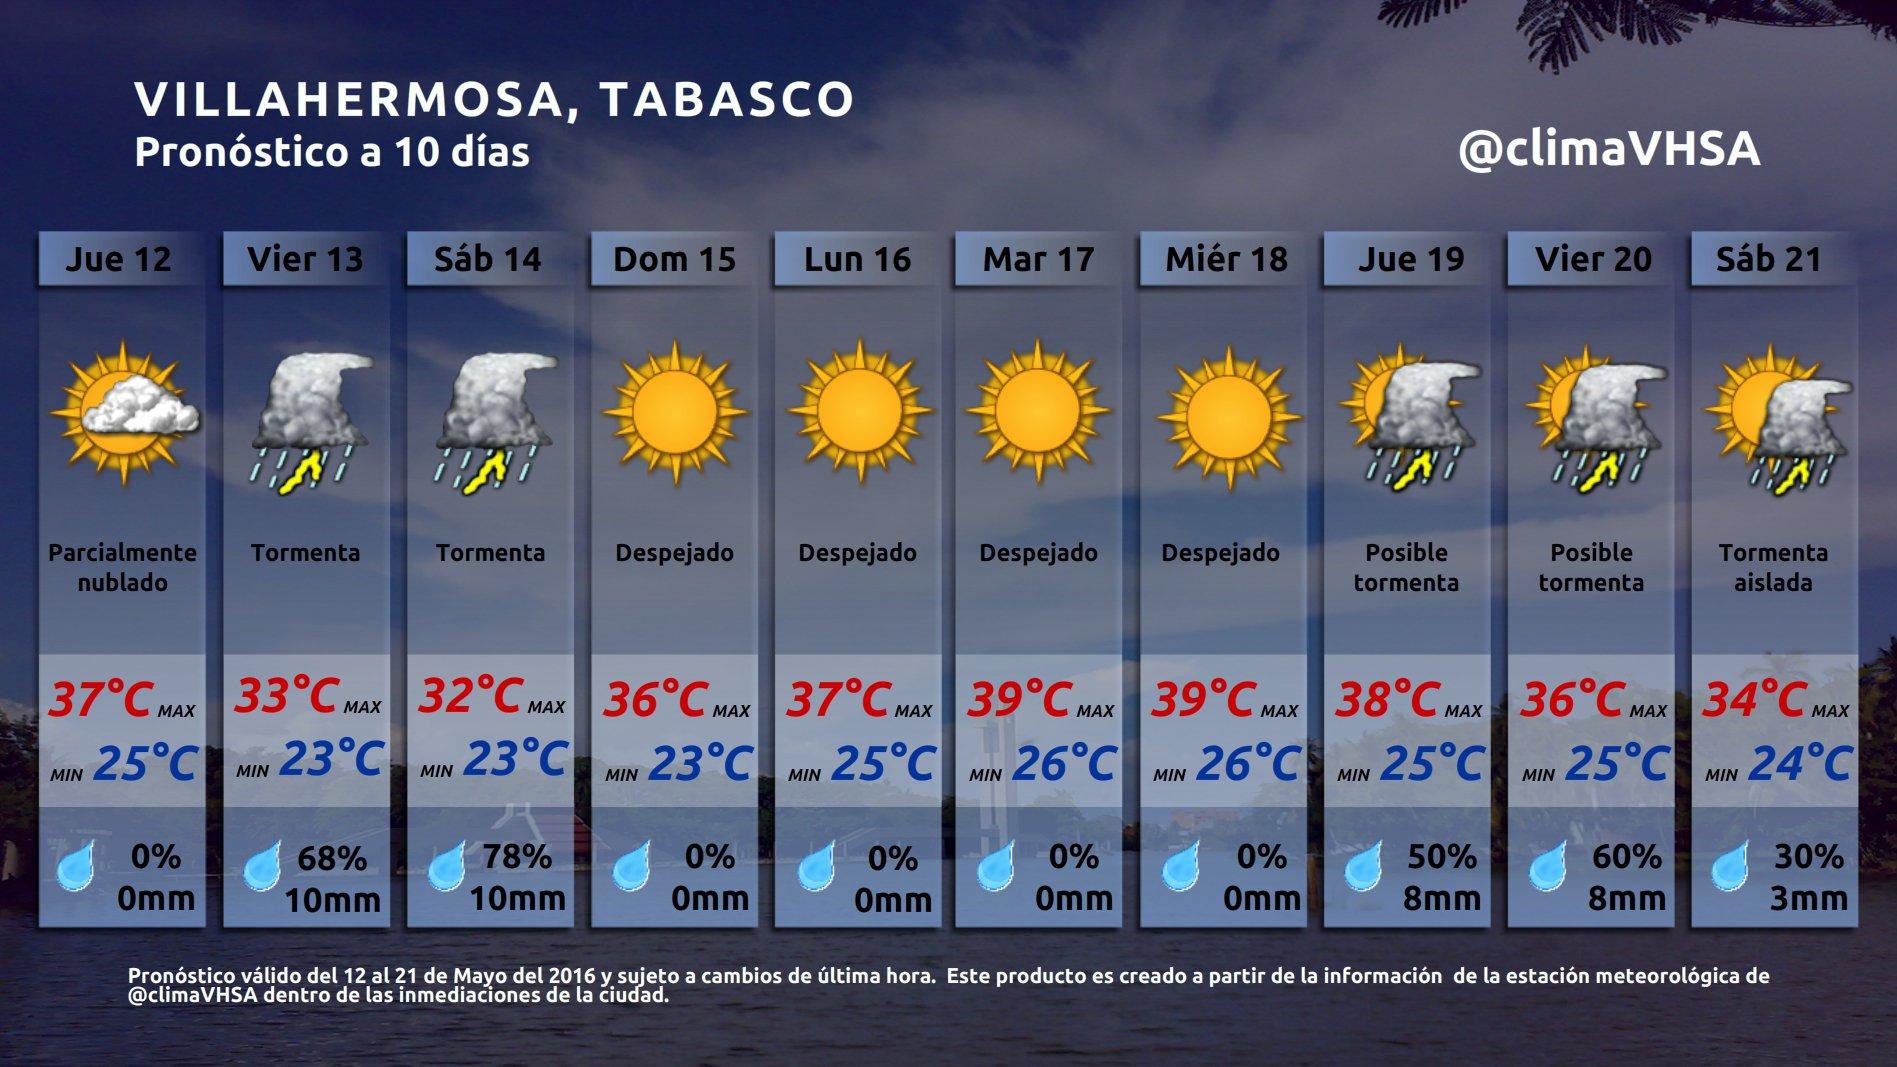 Clima villahermosa on twitter pron stico del tiempo para for Pronostico del tiempo accuweather